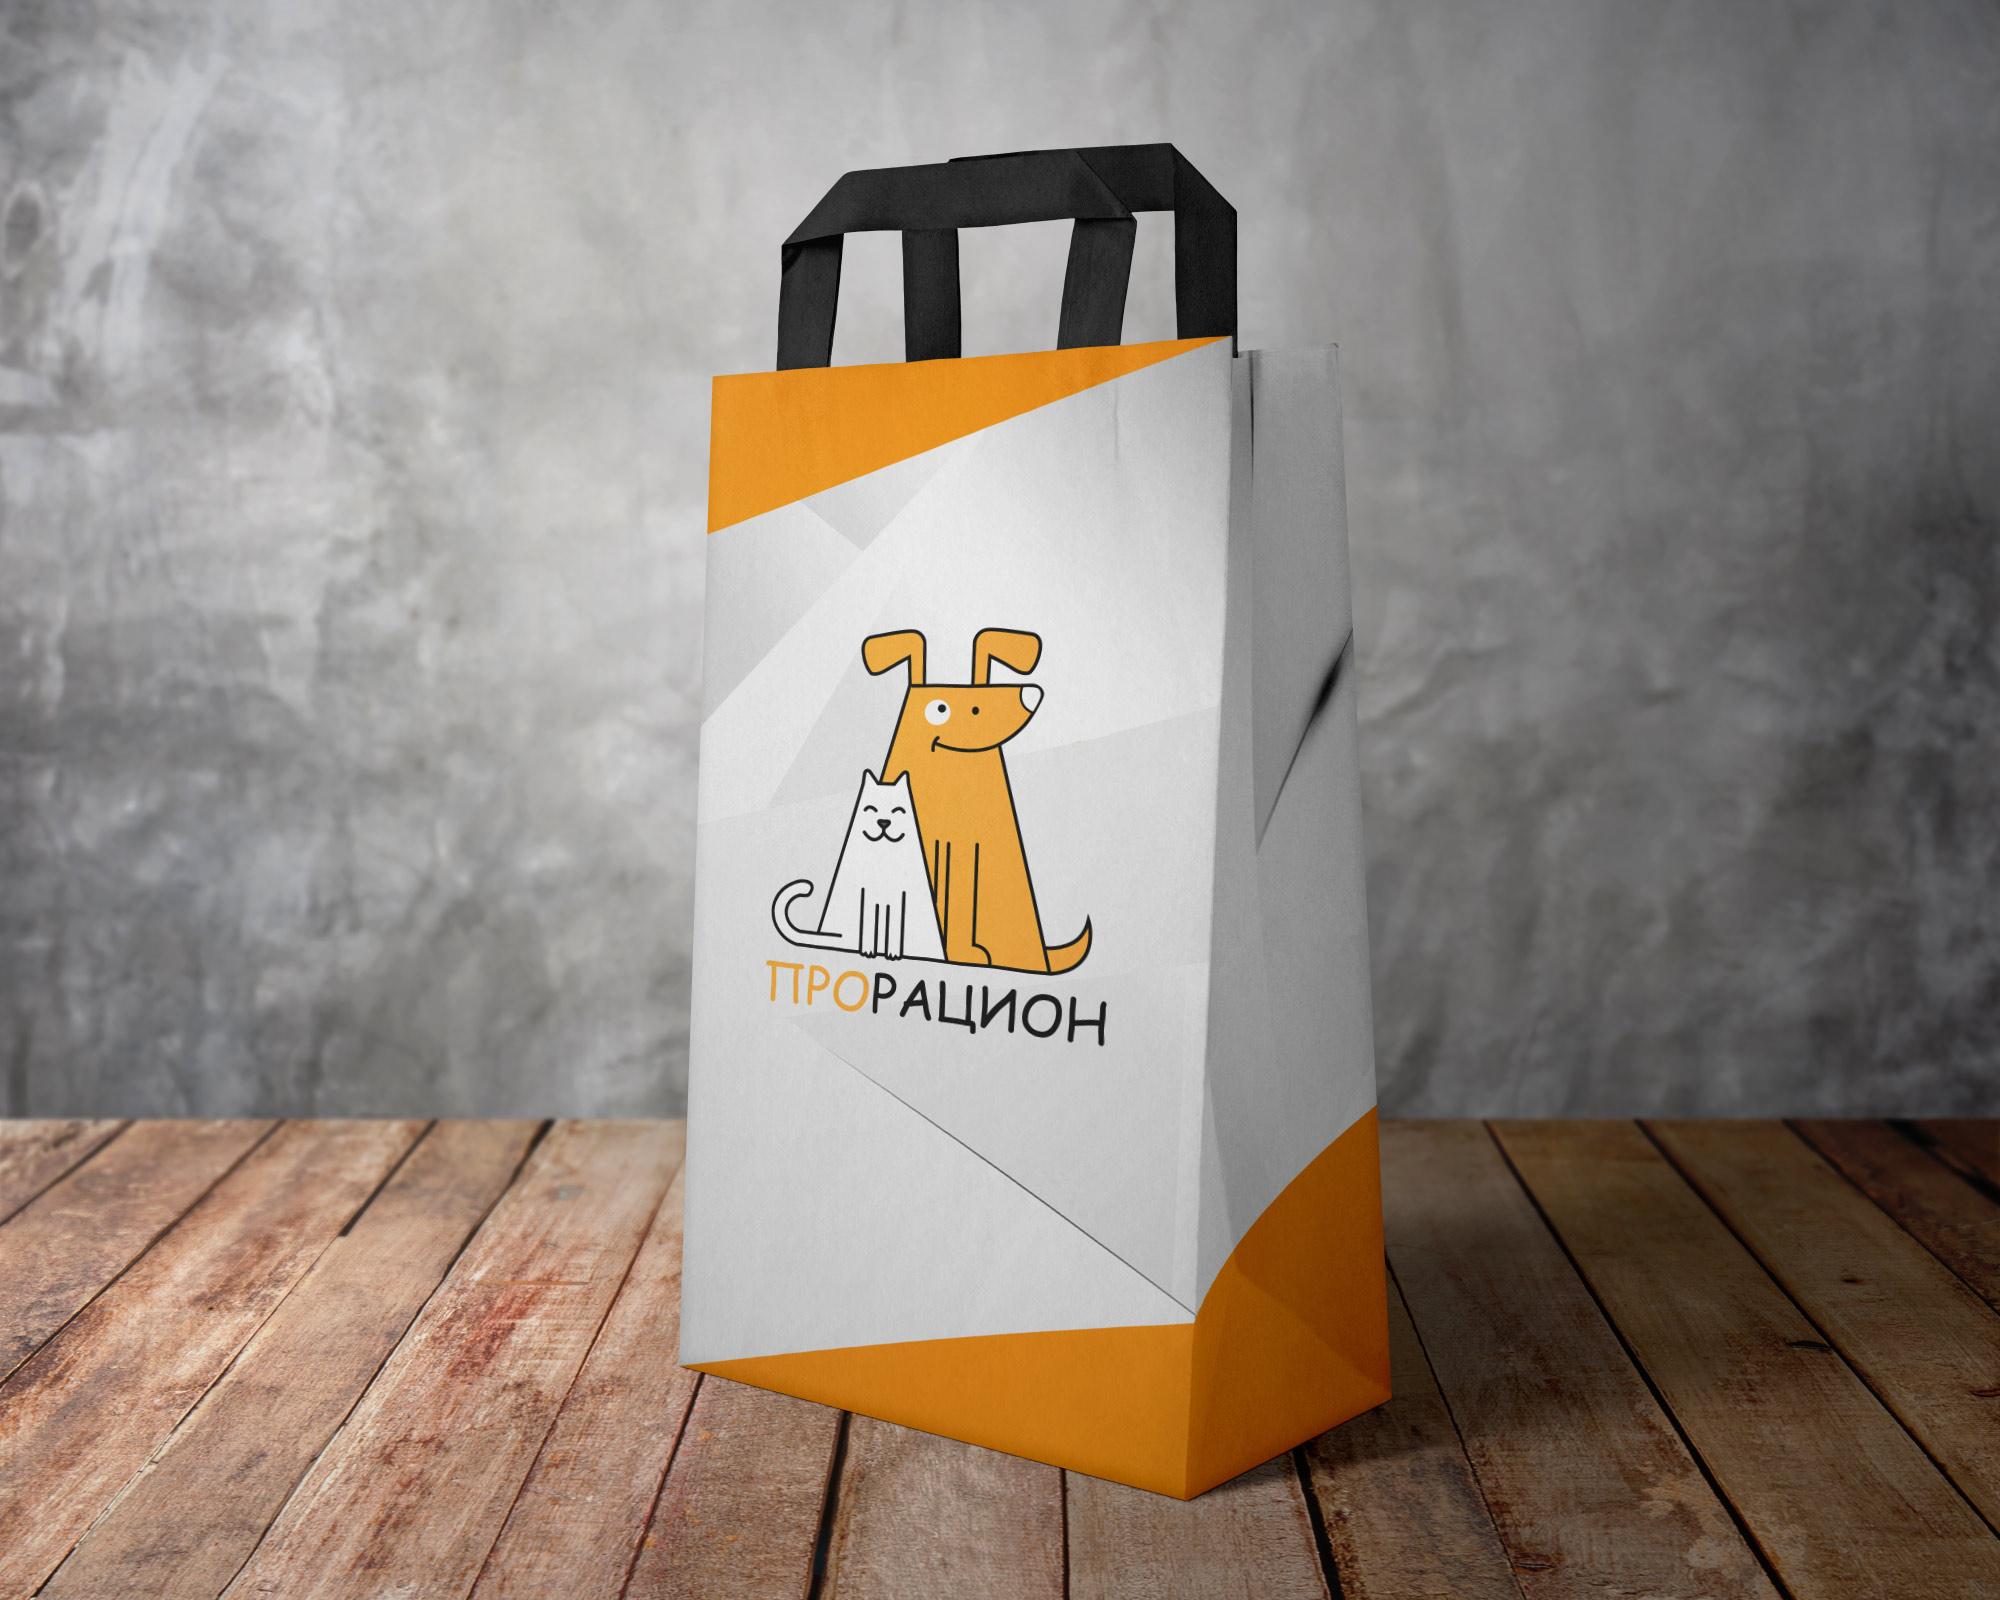 Создать логотип для производственной компании фото f_9905d9dd2215dc0b.jpg